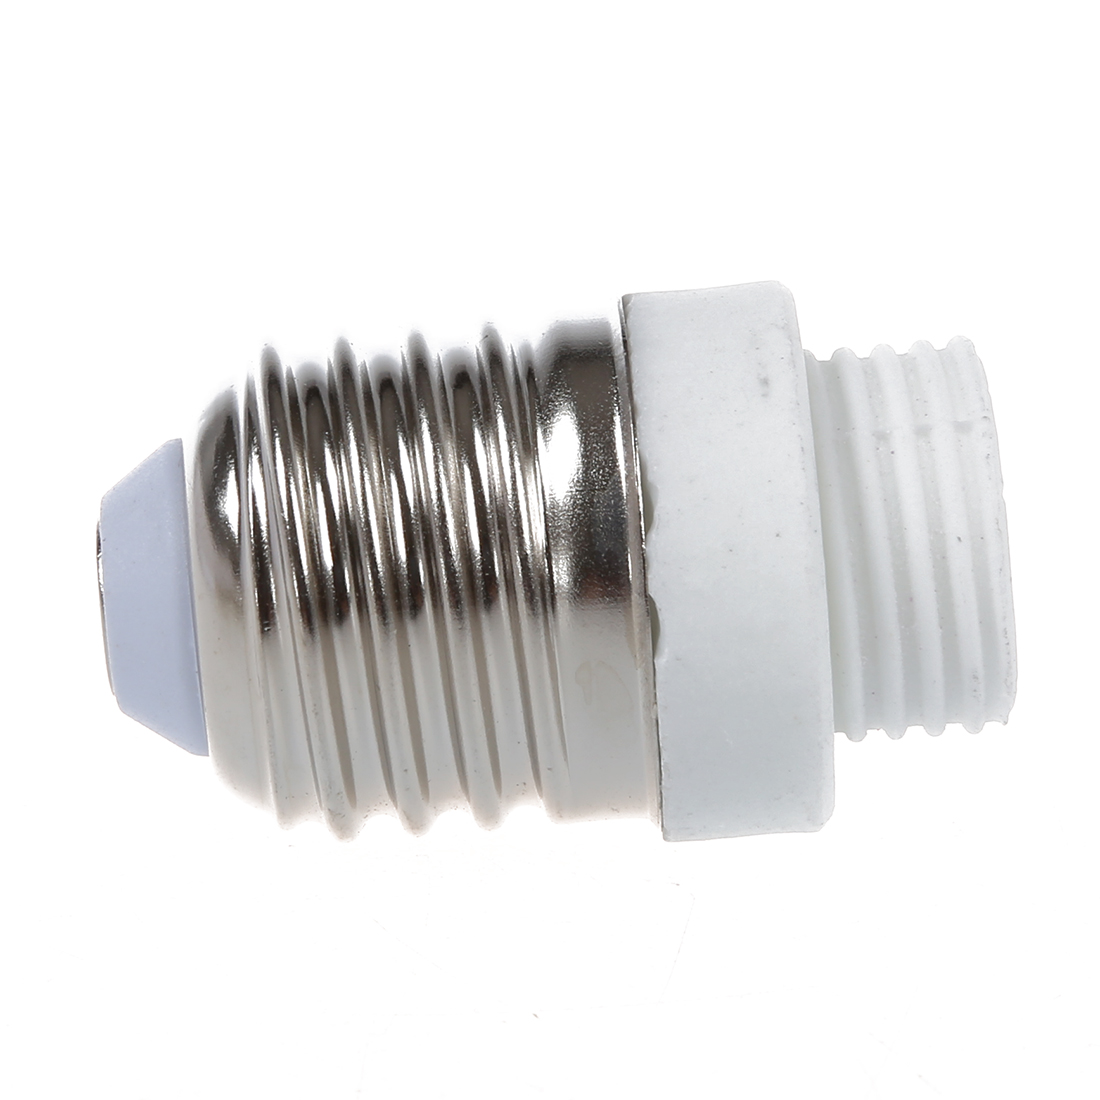 Практичный-10 шт E27-G9 светодиодные лампы Винт адаптер конвертер